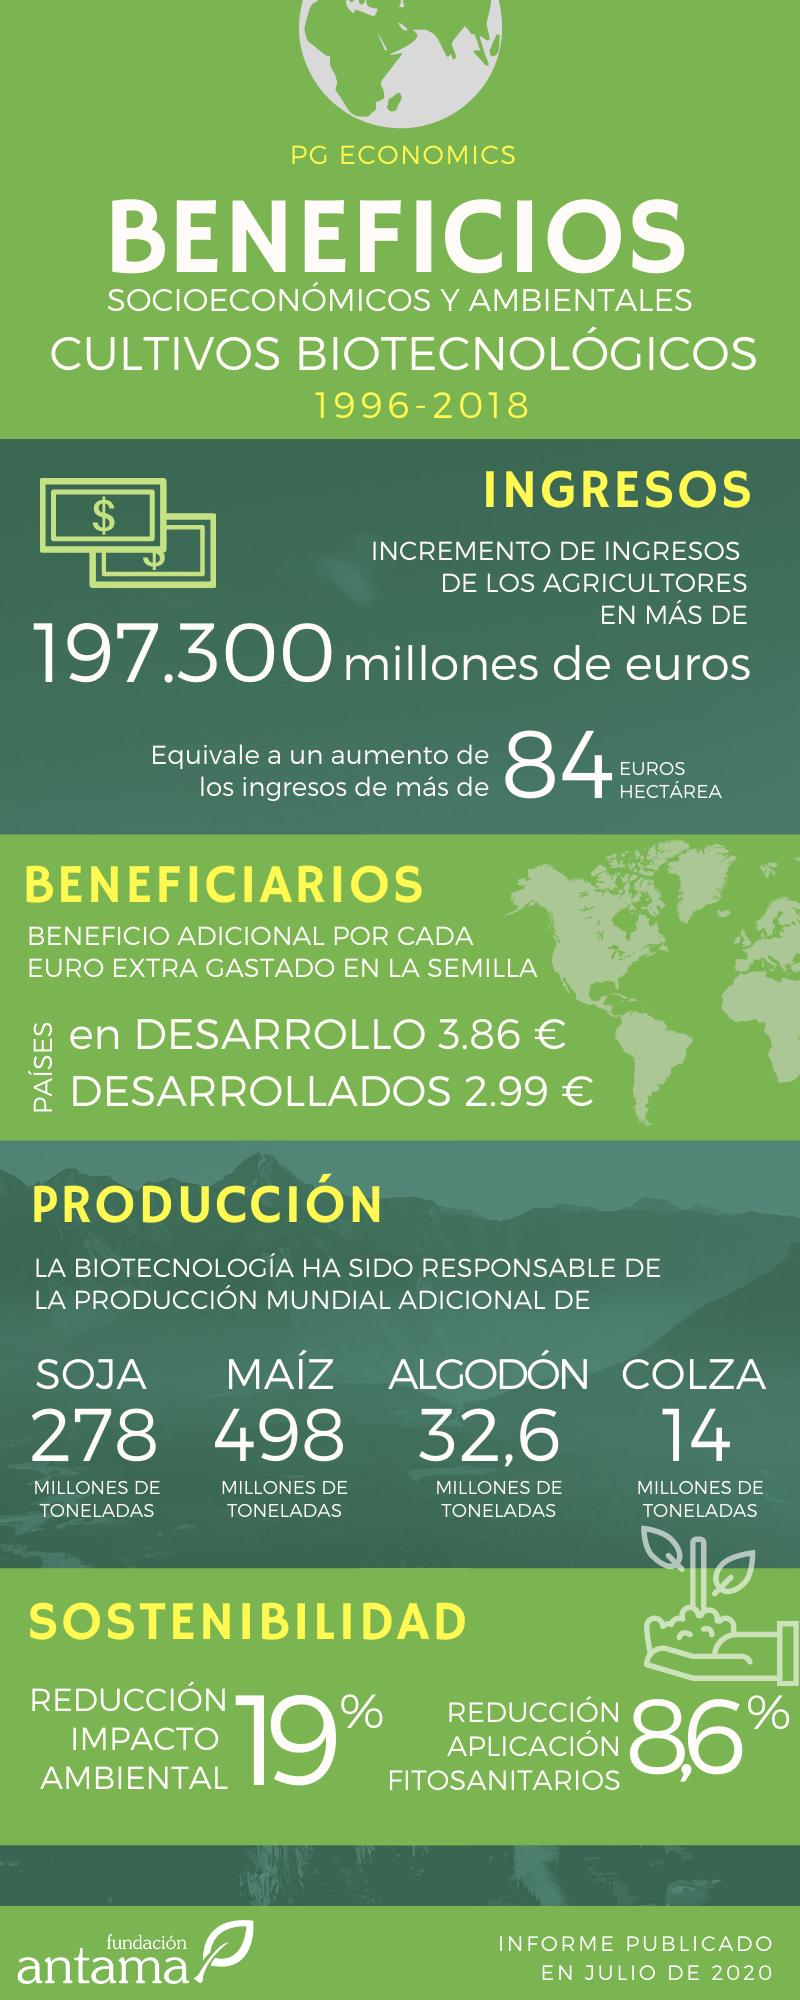 Beneficios socioeconómicos y ambientales cultivos biotecnológicos